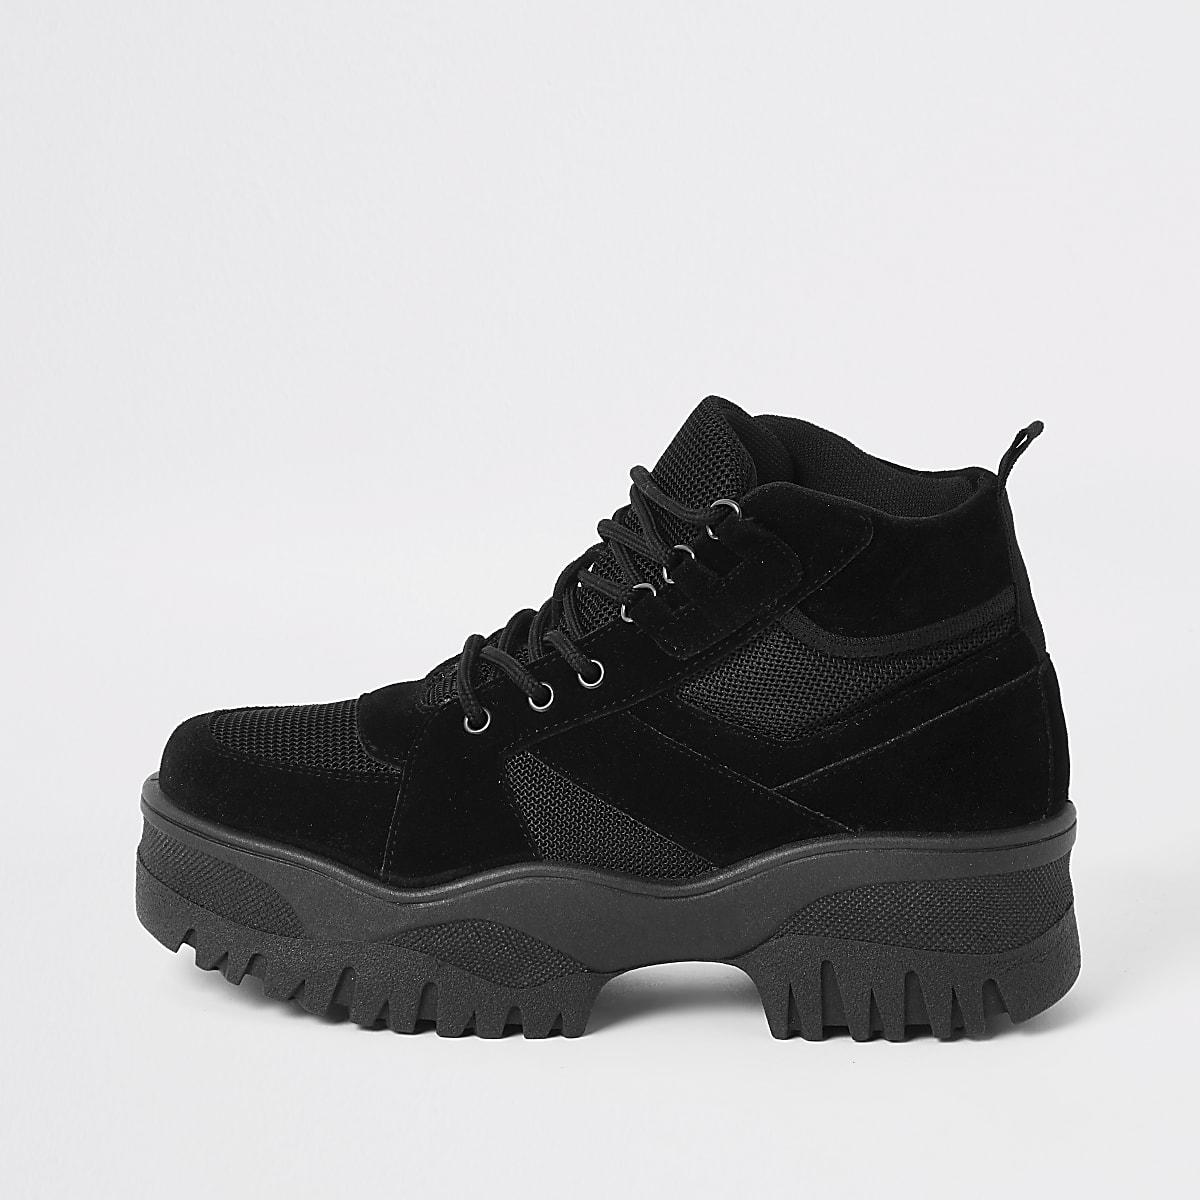 Chaussures épaisses imitation daim noires style randonnée